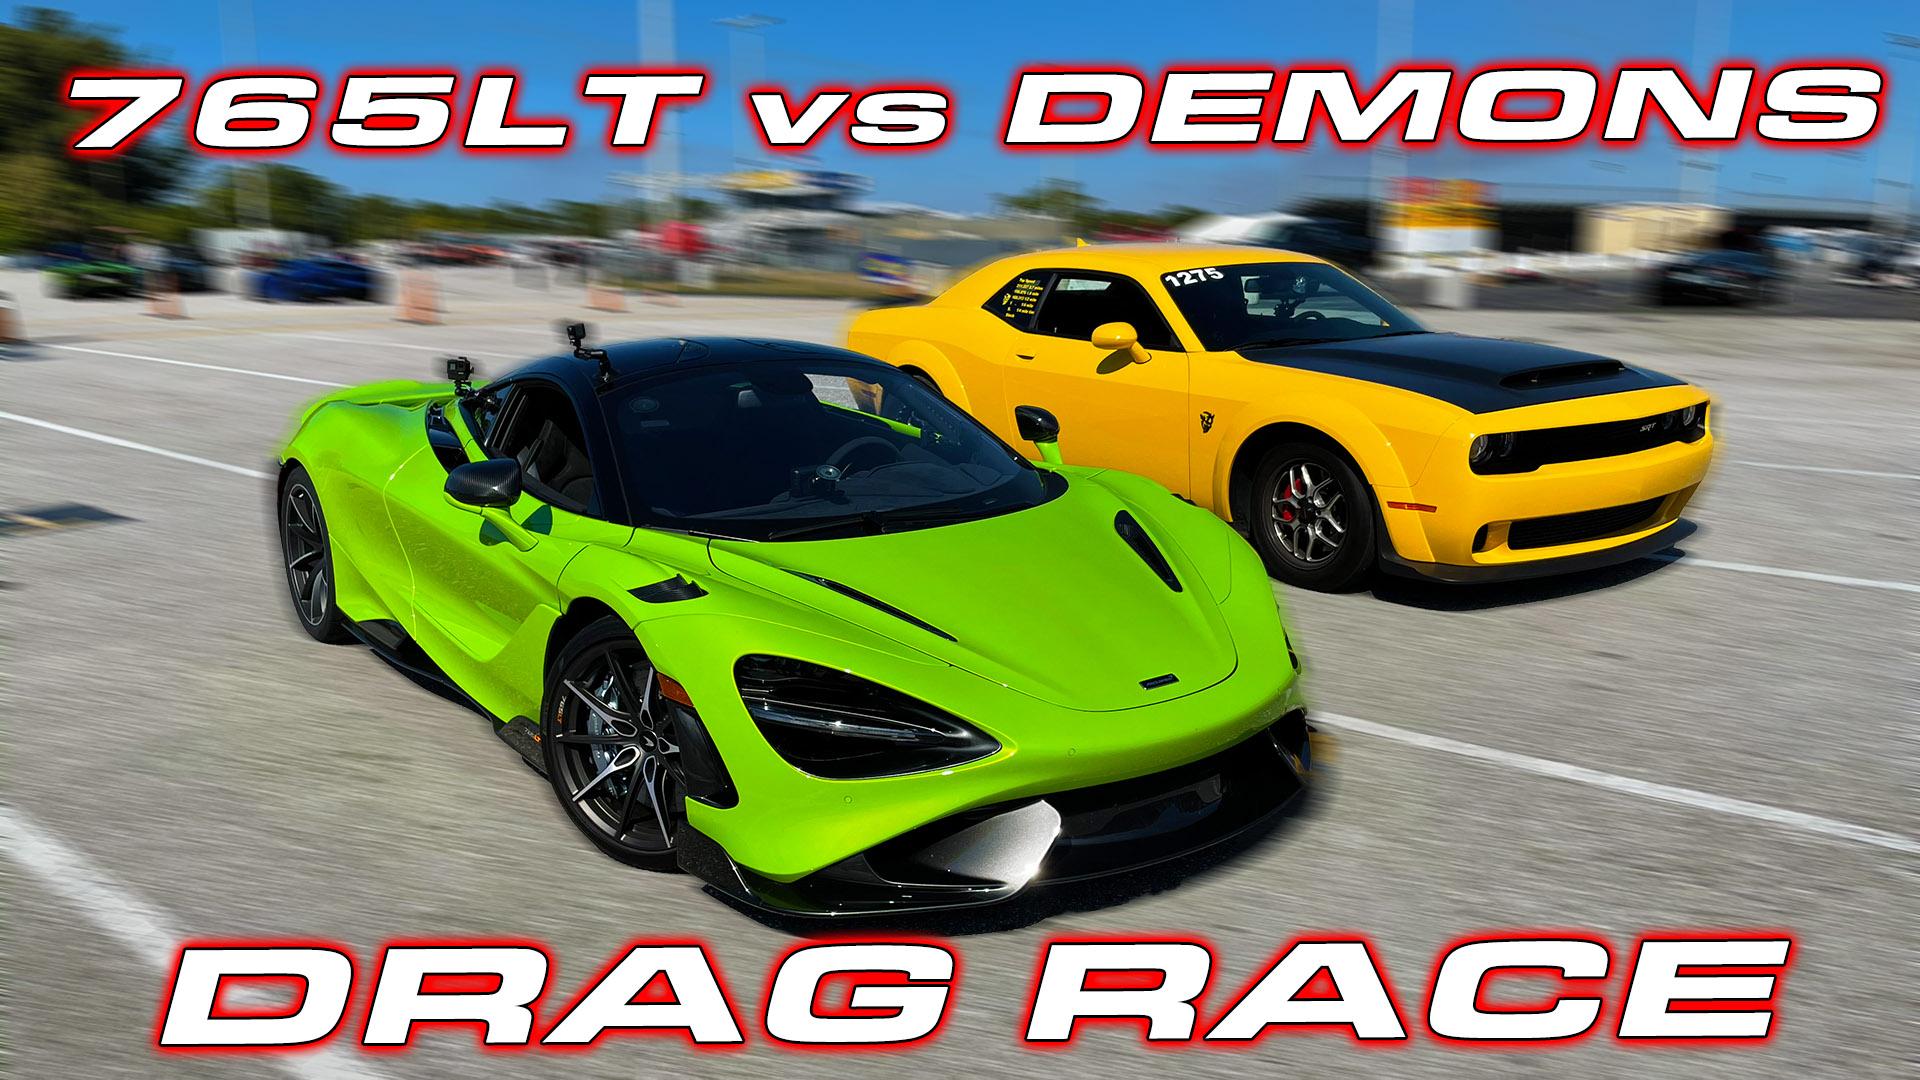 Dodge Demon vs McLaren 765LT